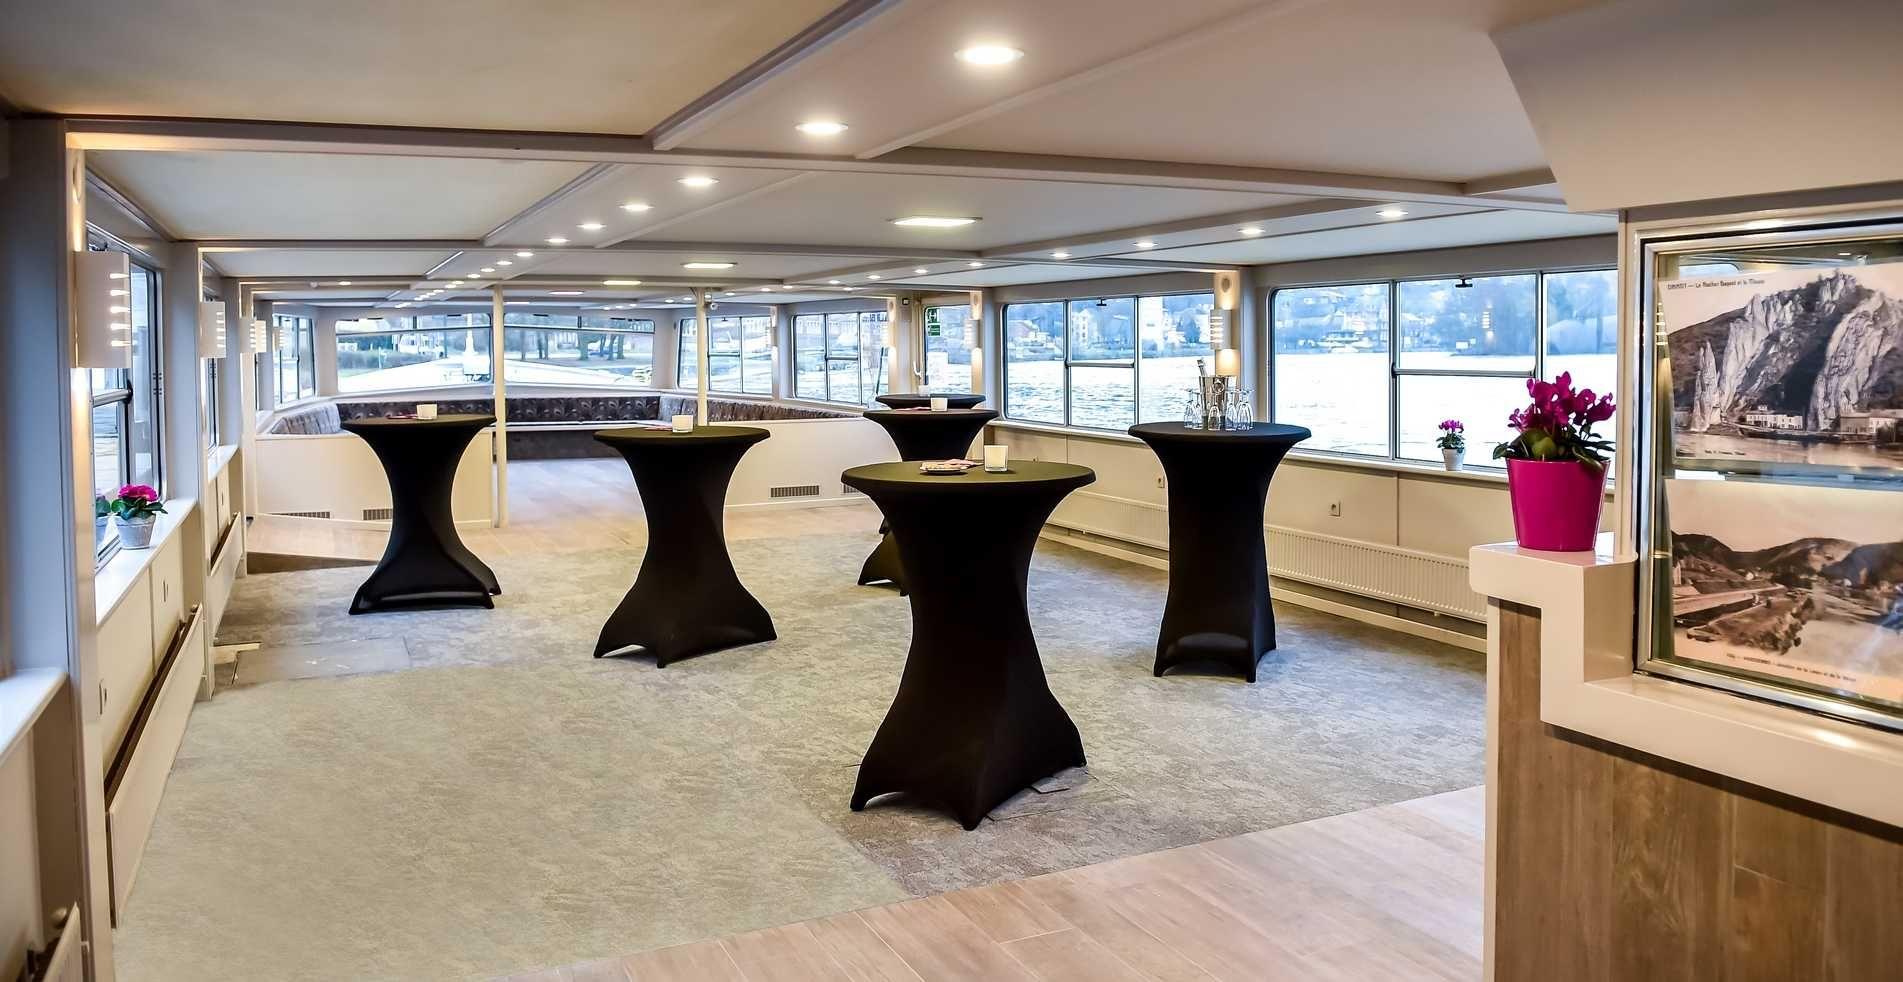 Croisi re personnalis e bateau le sax visit namur - Office tourisme marseille visites guidees ...